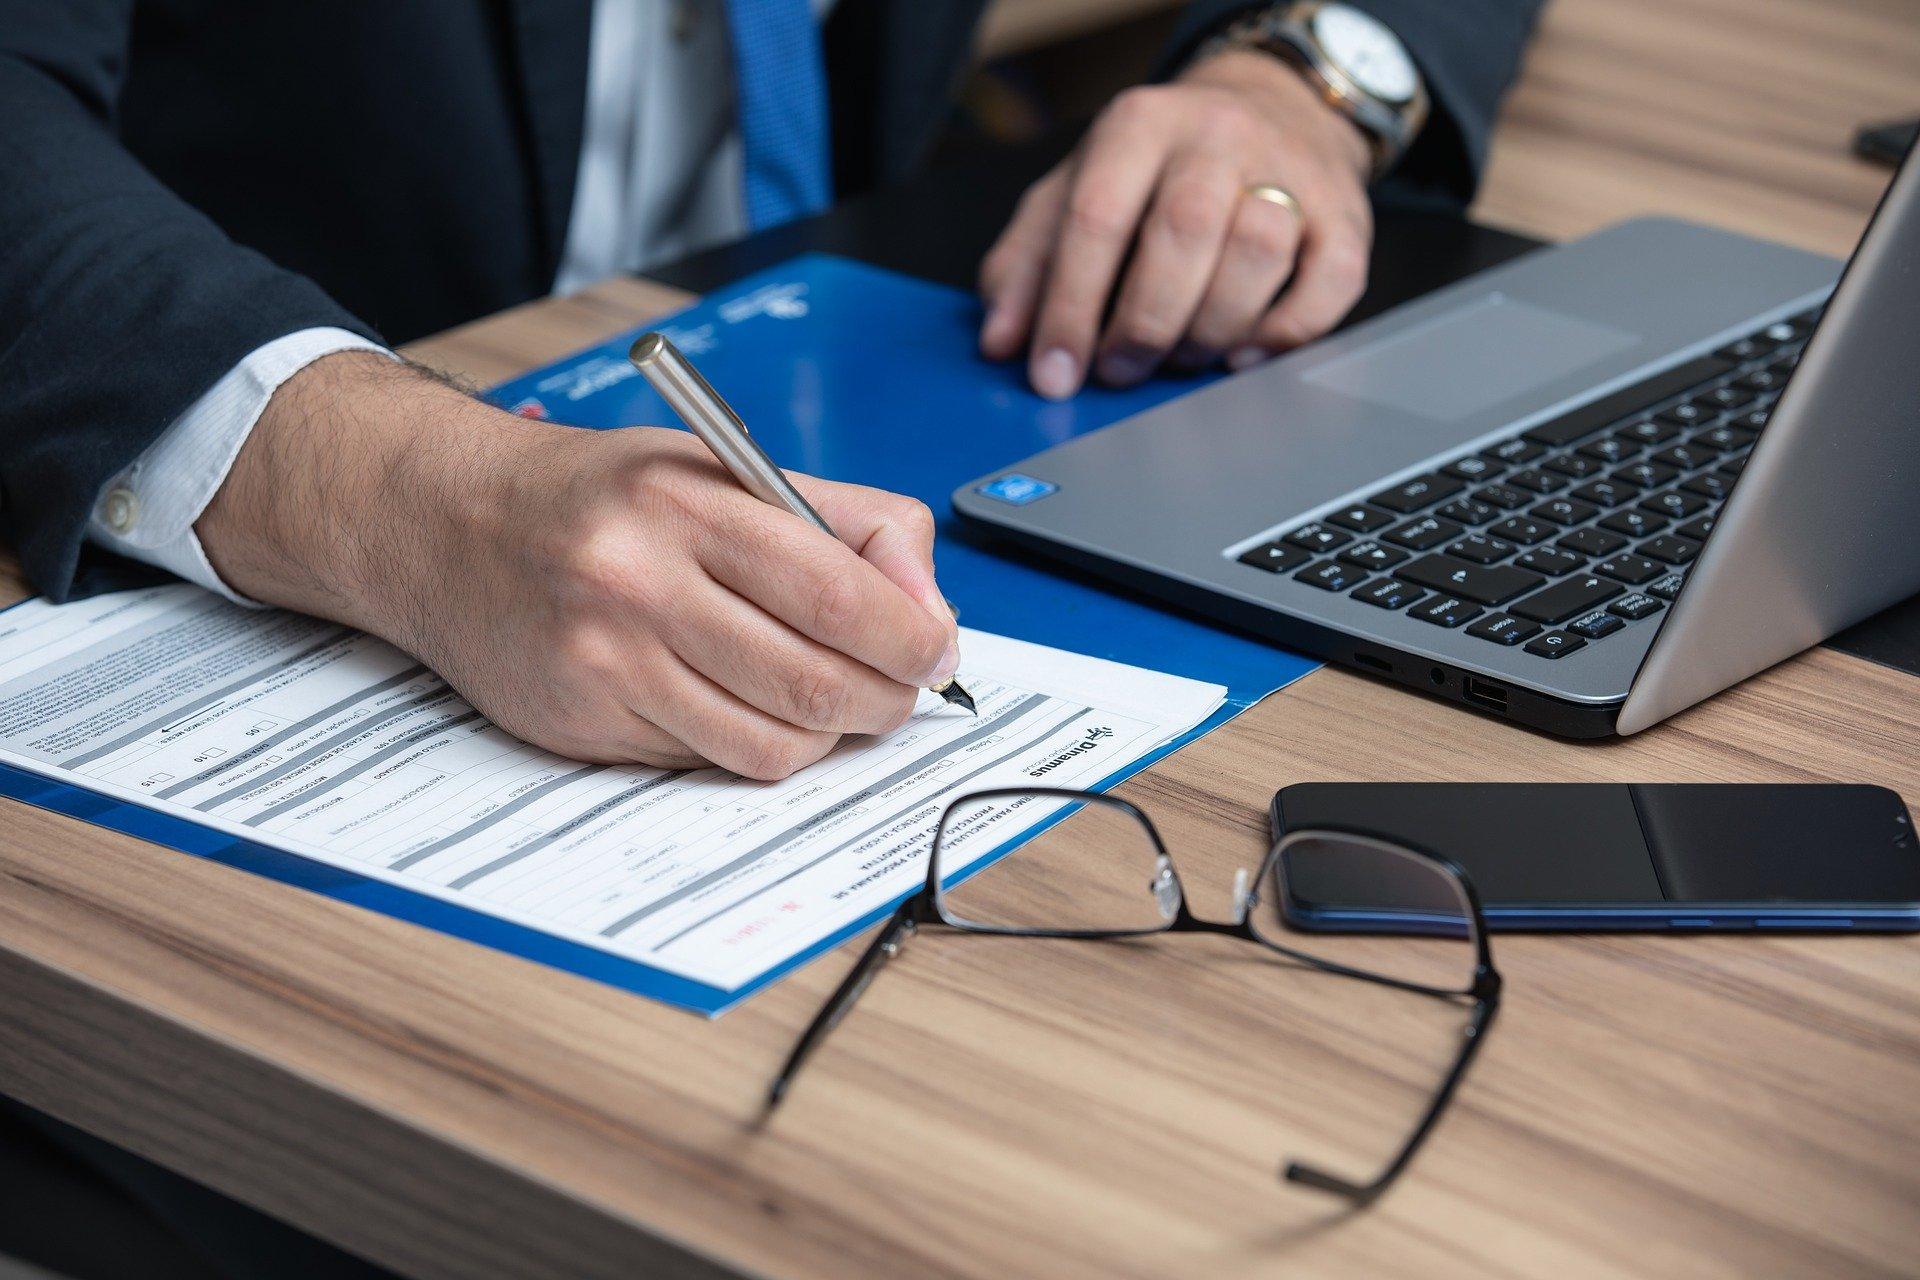 Empresa é condenada a indenizar empregada tratada com apelidos ofensivos pelo superior e colegas de trabalho